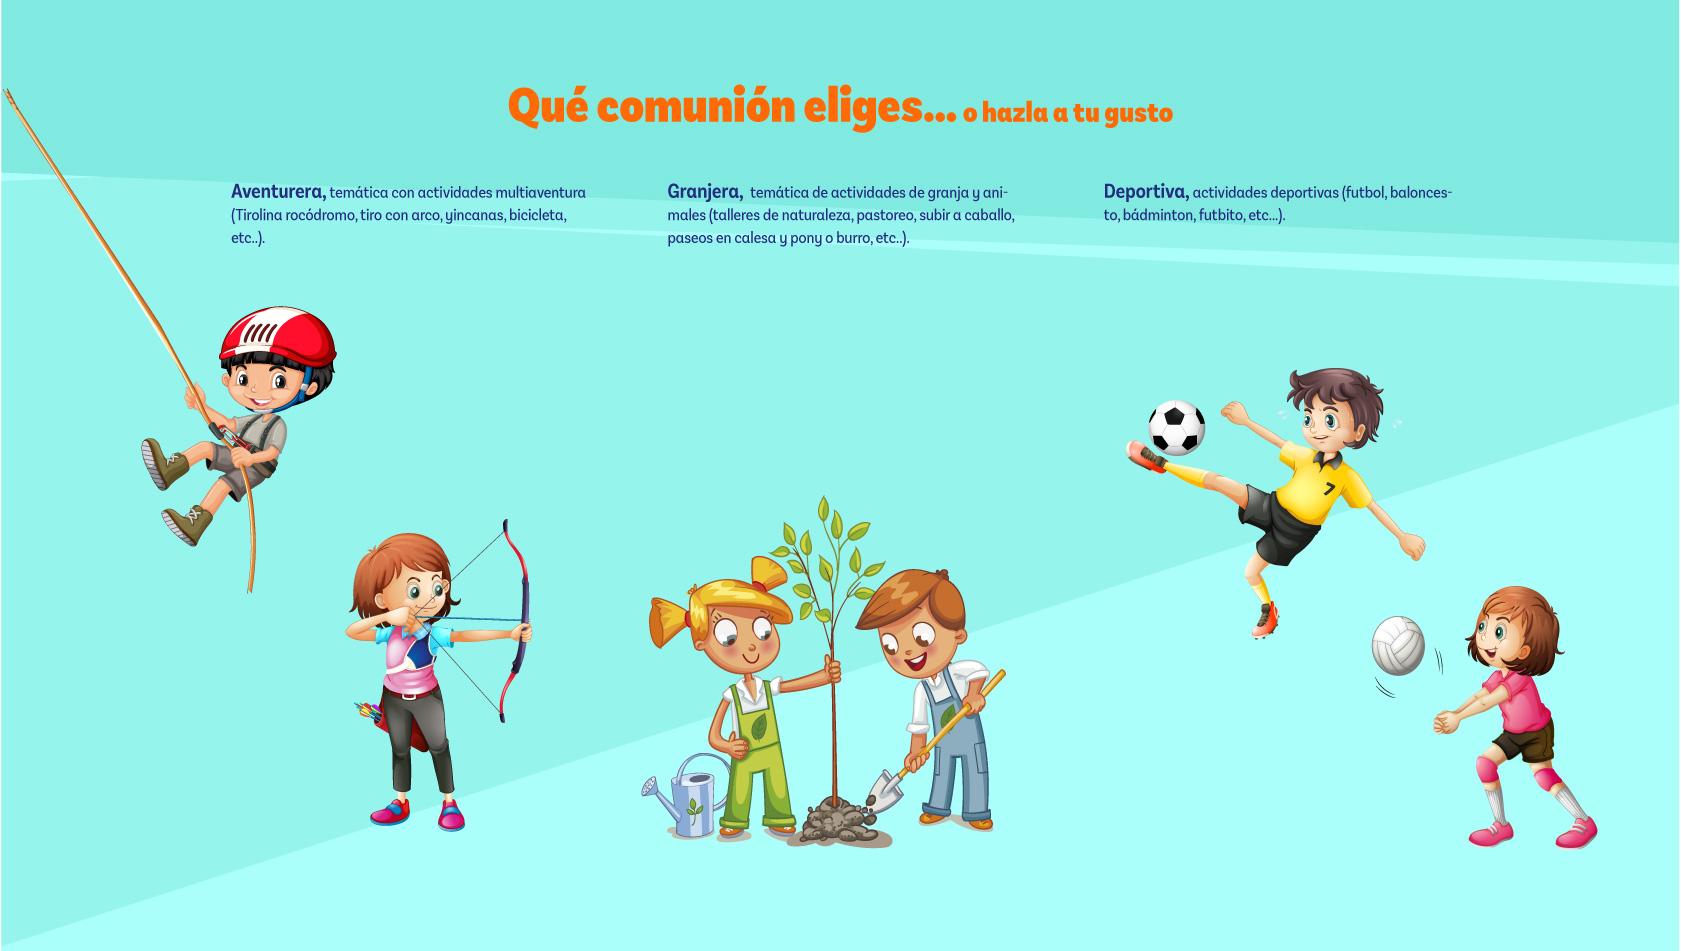 comuniones_comunion